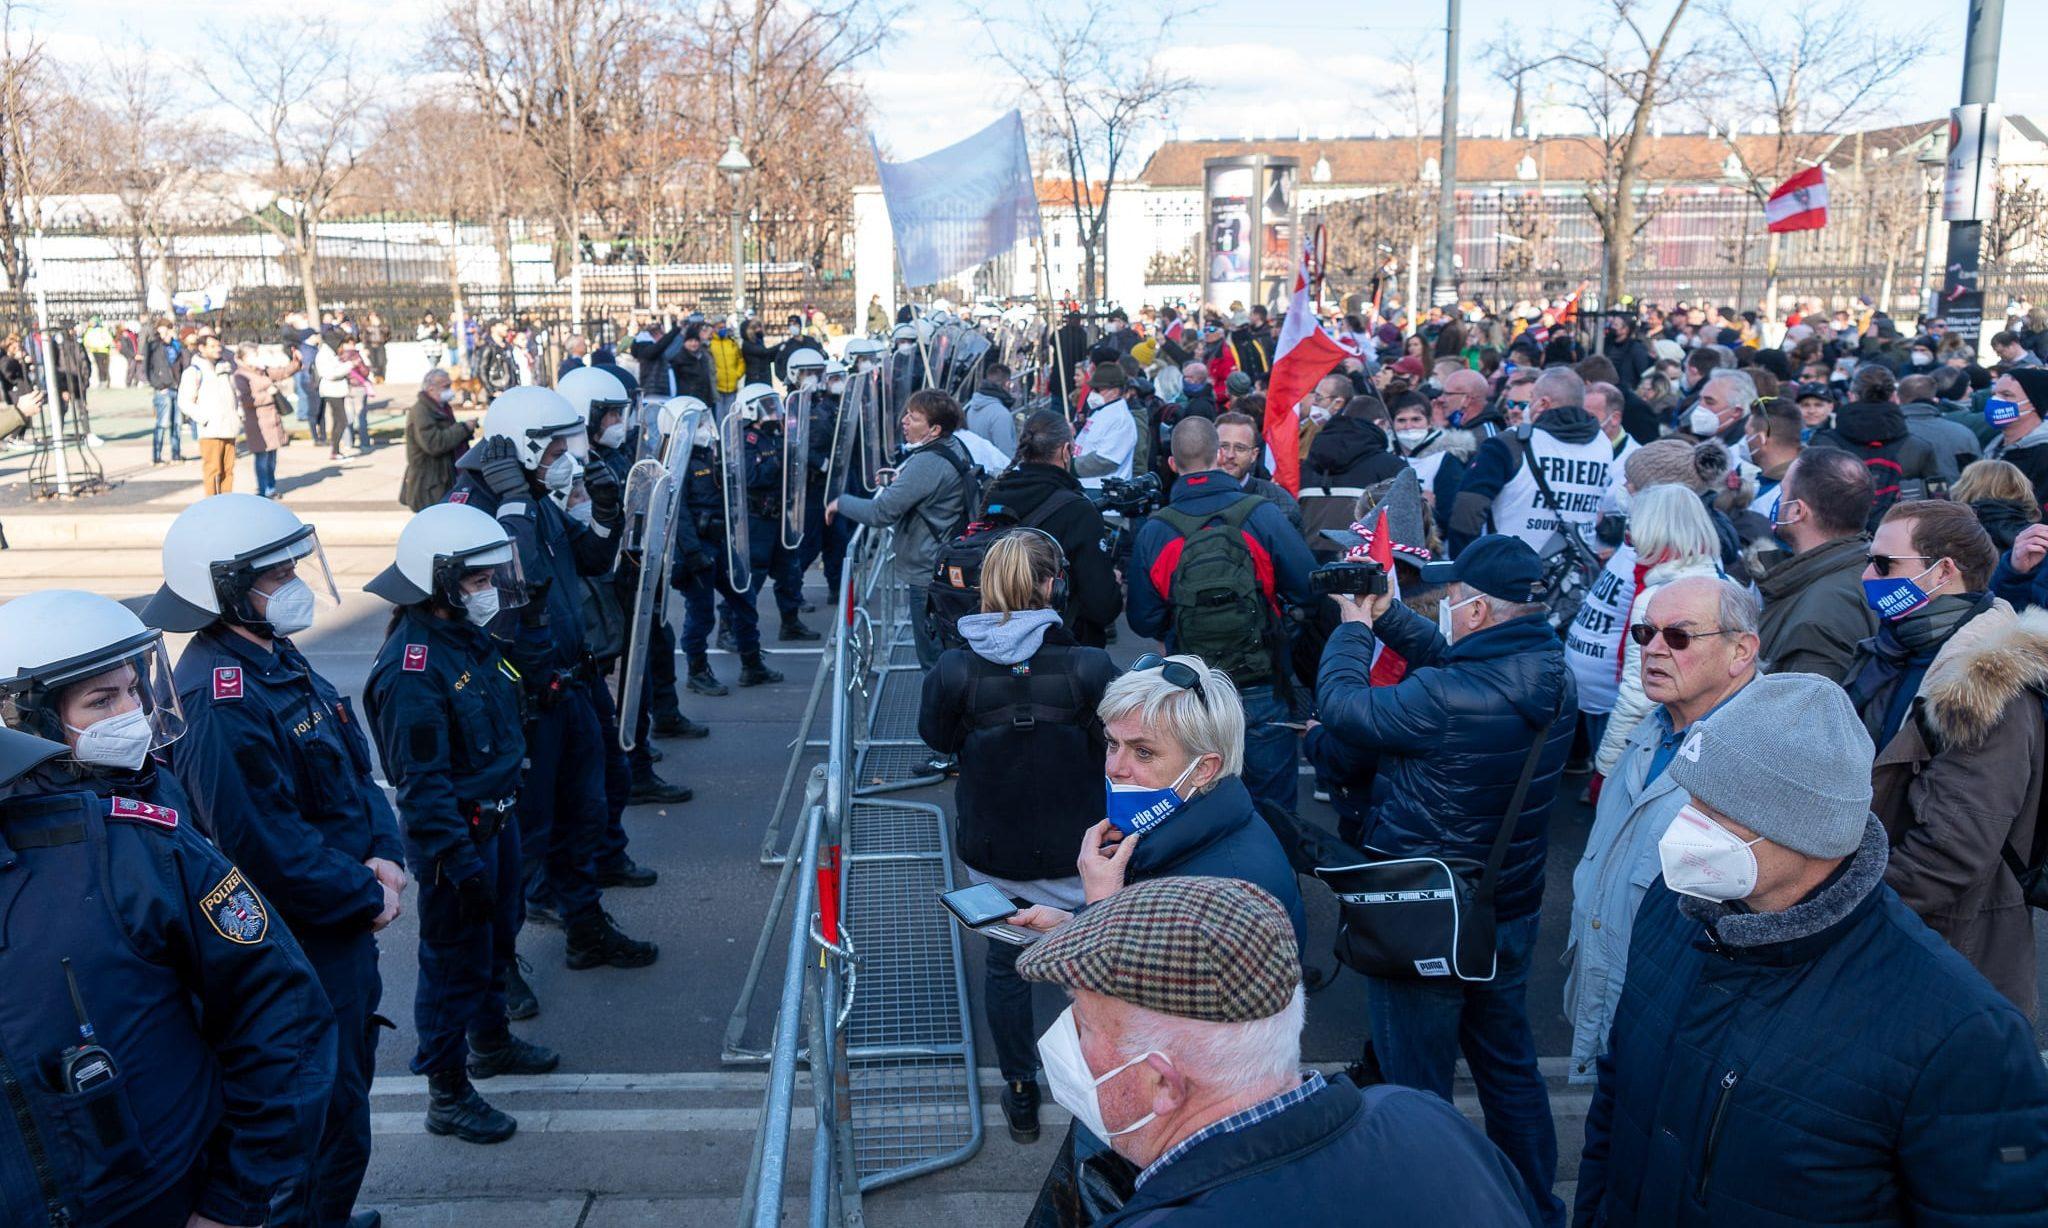 Polizei-Sperre Demo 6.3.2021